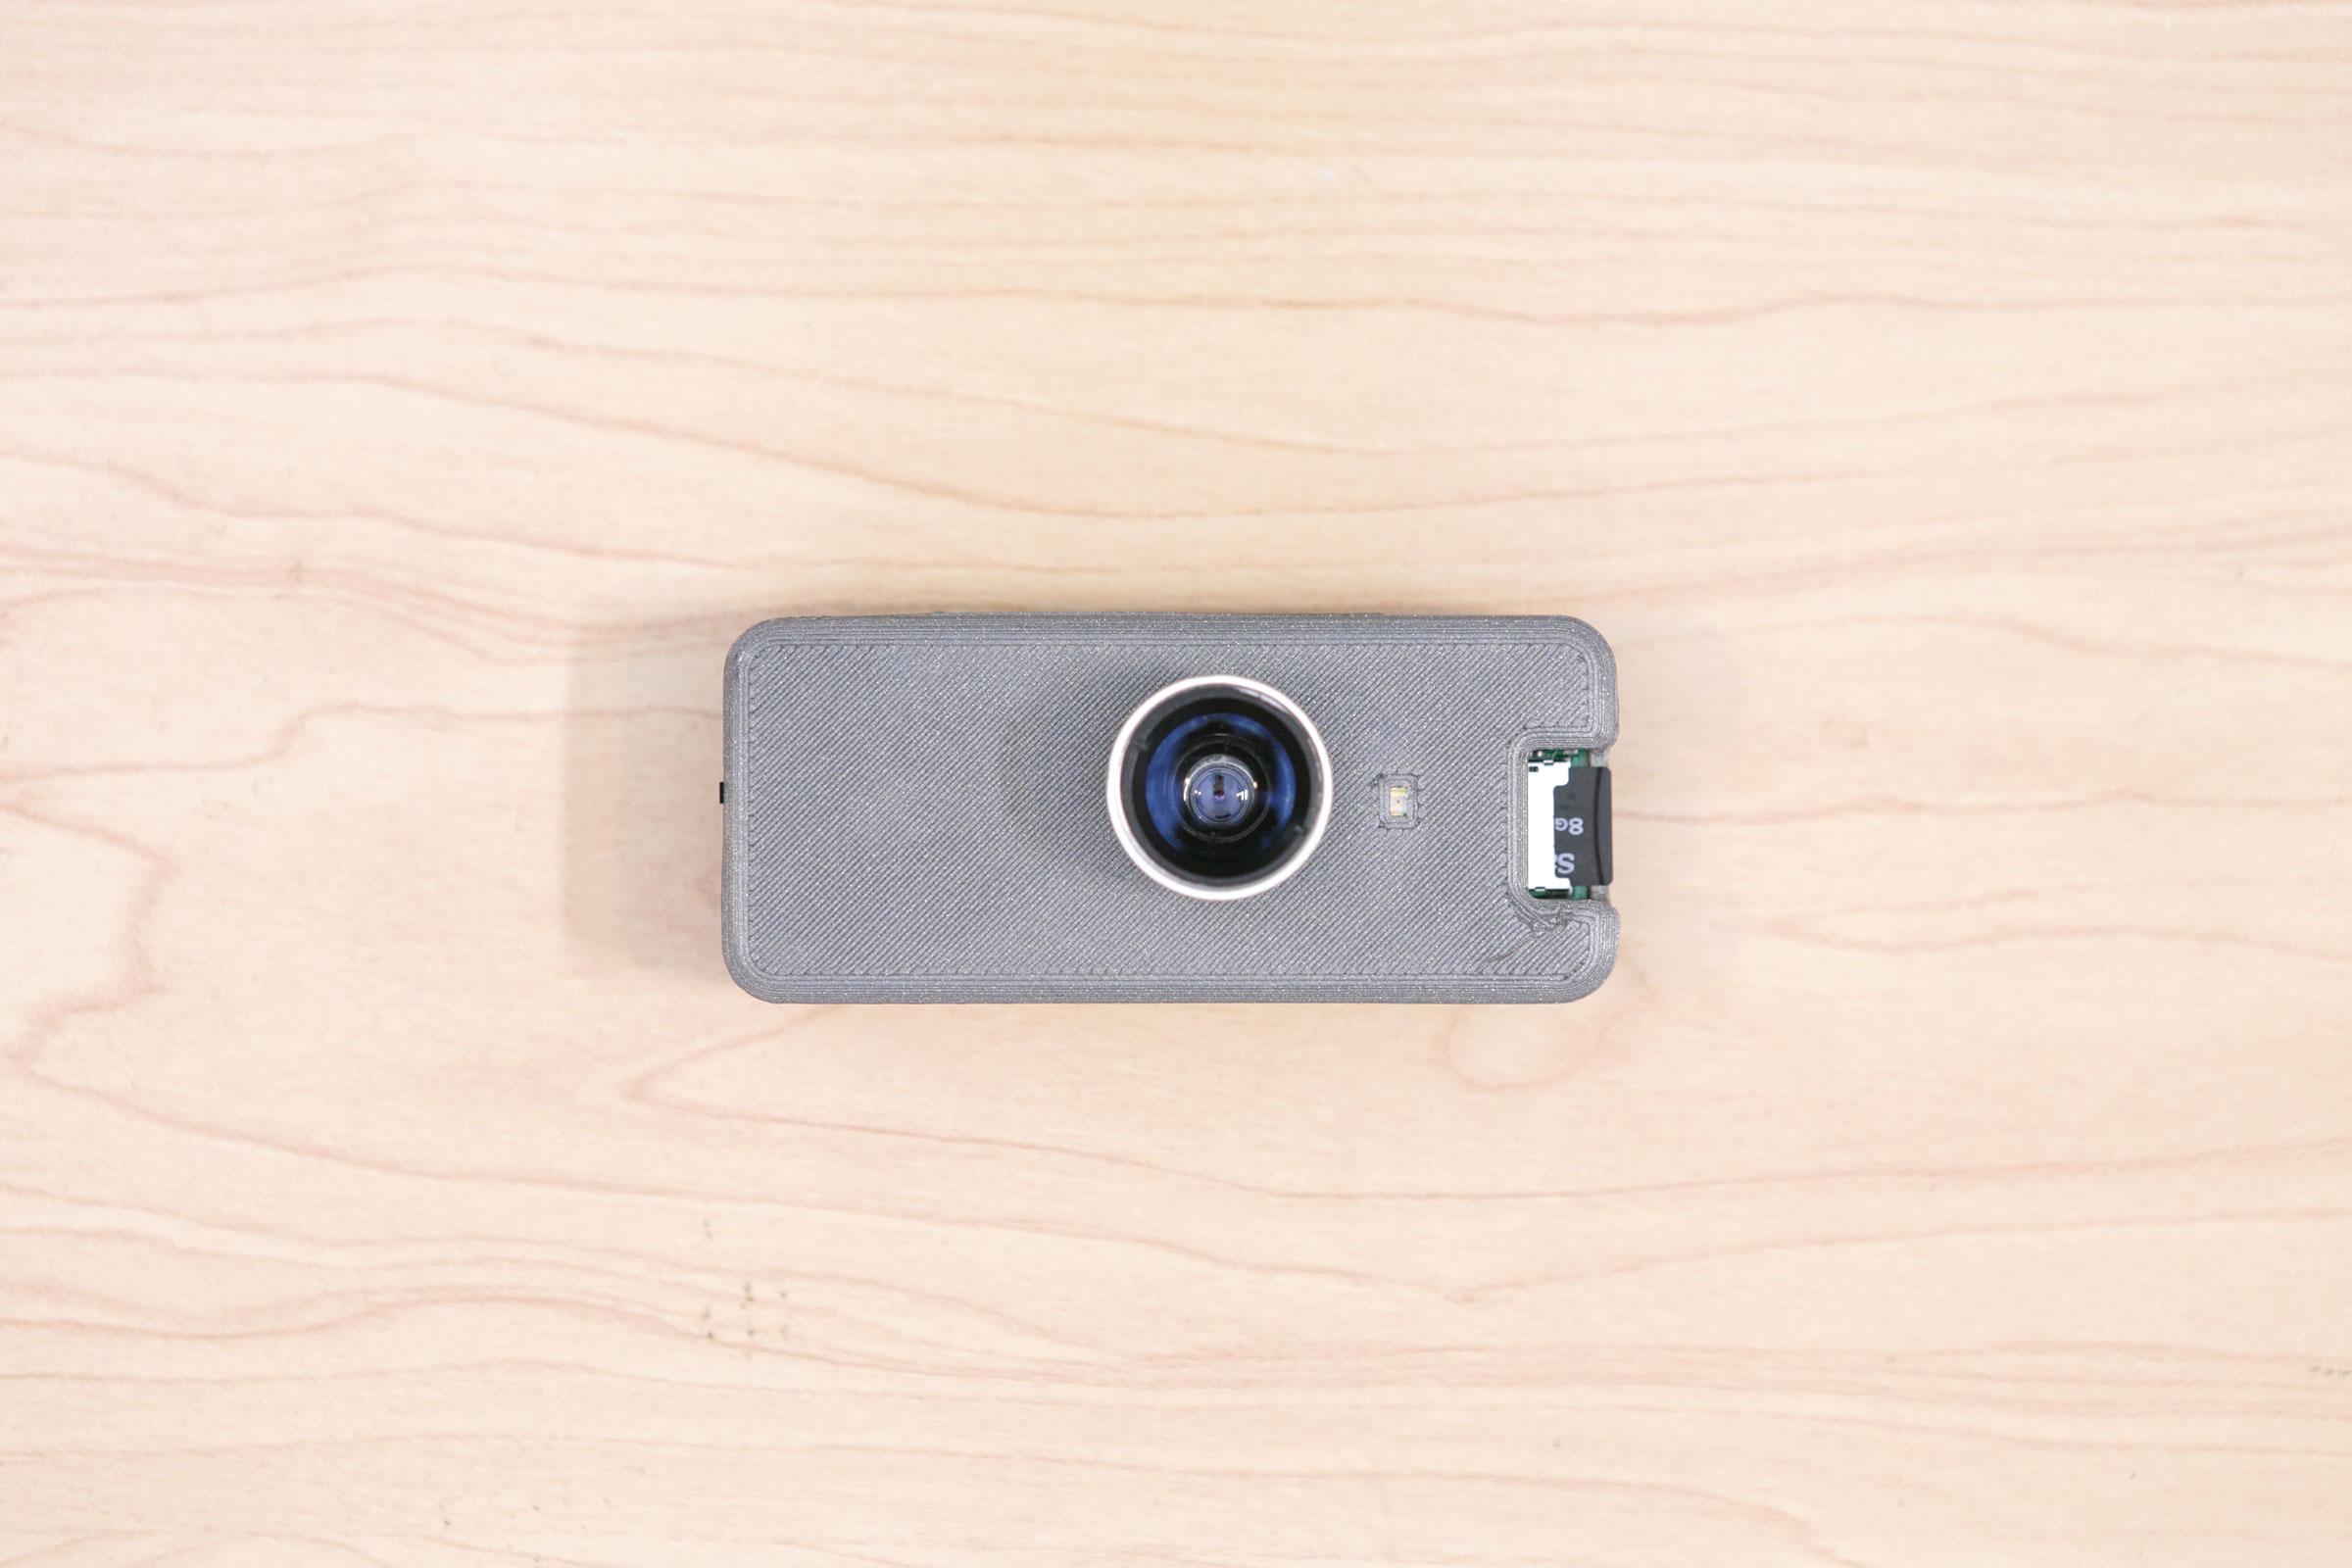 camera_extra-lens.jpg